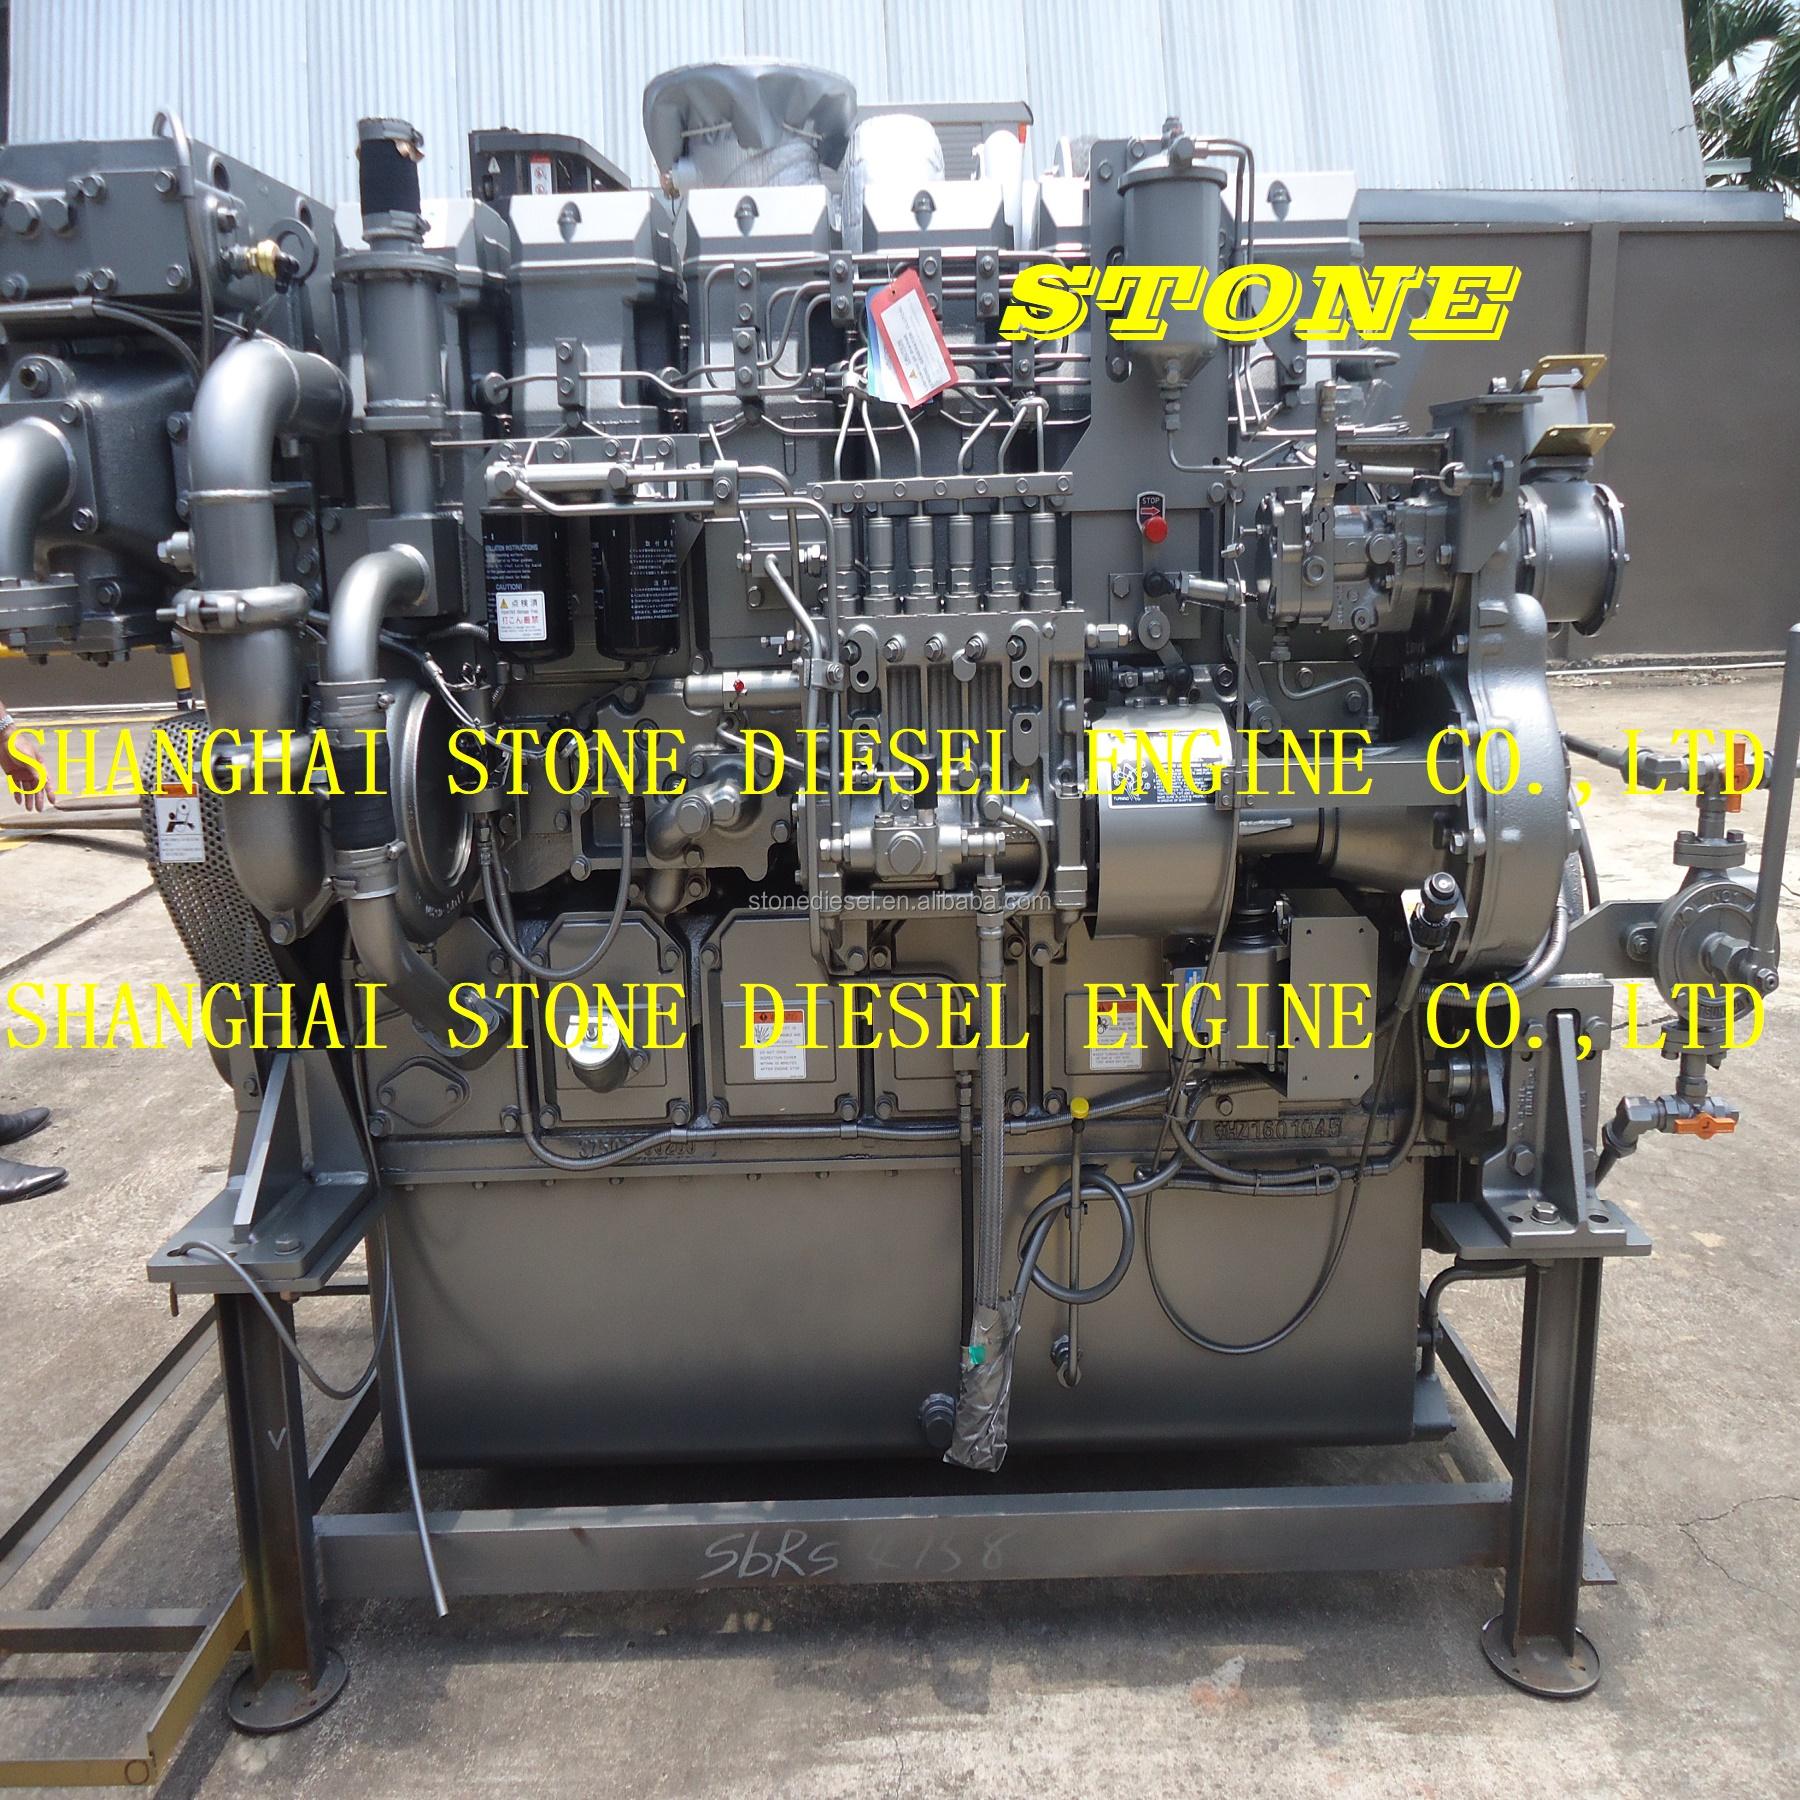 mitsubishi marine engine s6b3 mpta s6b3 mptk s6a3 mpta s6a3 mptk rh alibaba com Mitsubishi Montero Engine Manual Mitsubishi Montero Engine Manual